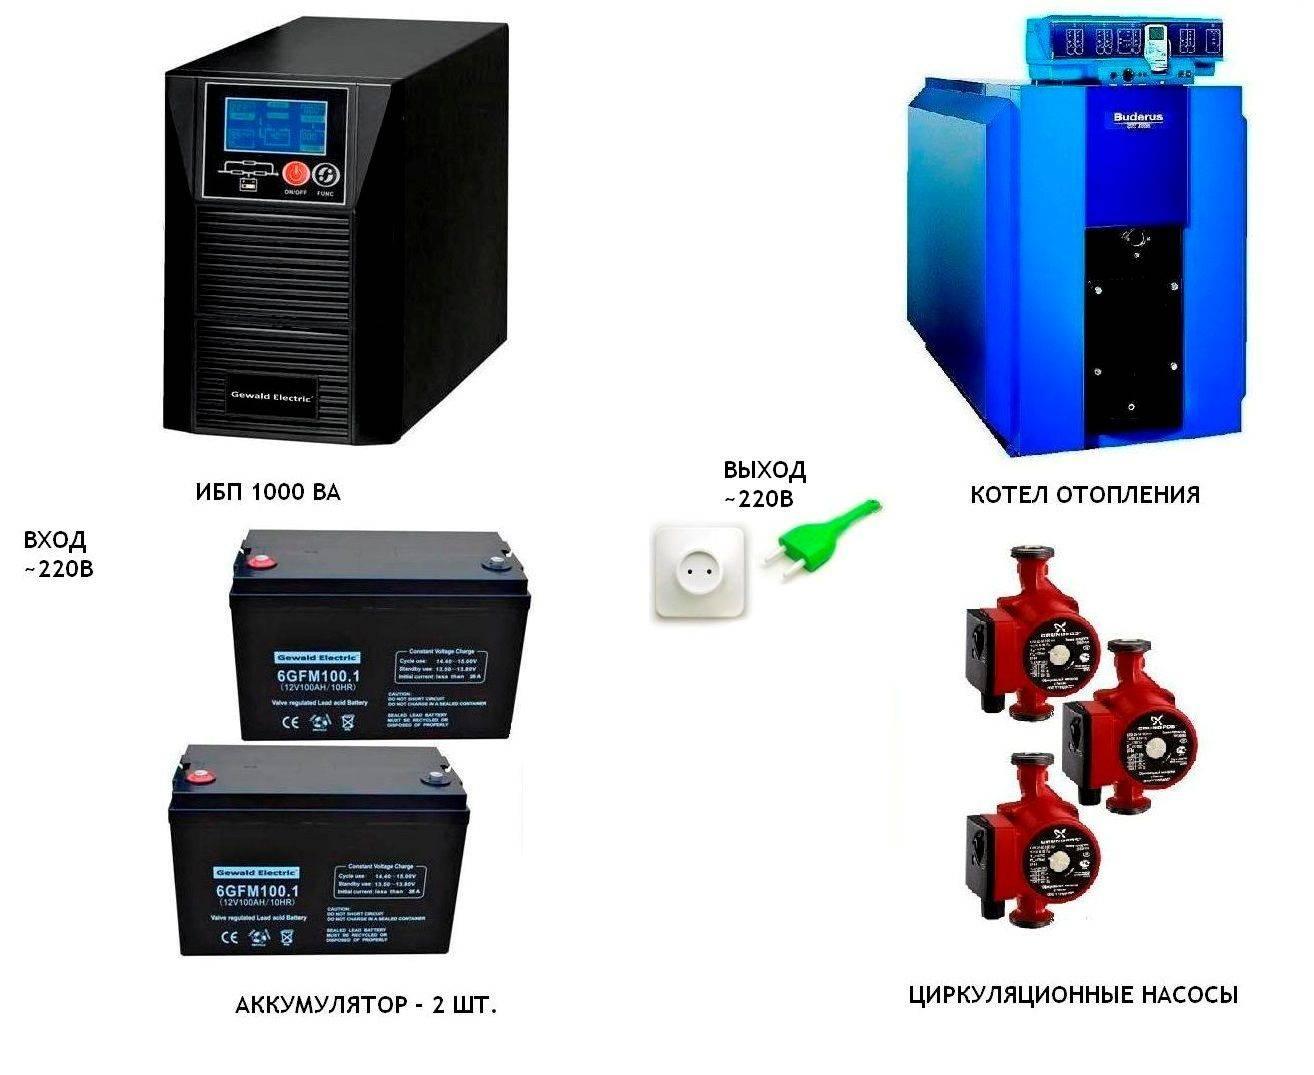 Выбор источника бесперебойного электропитания для системы отопления загородного дома